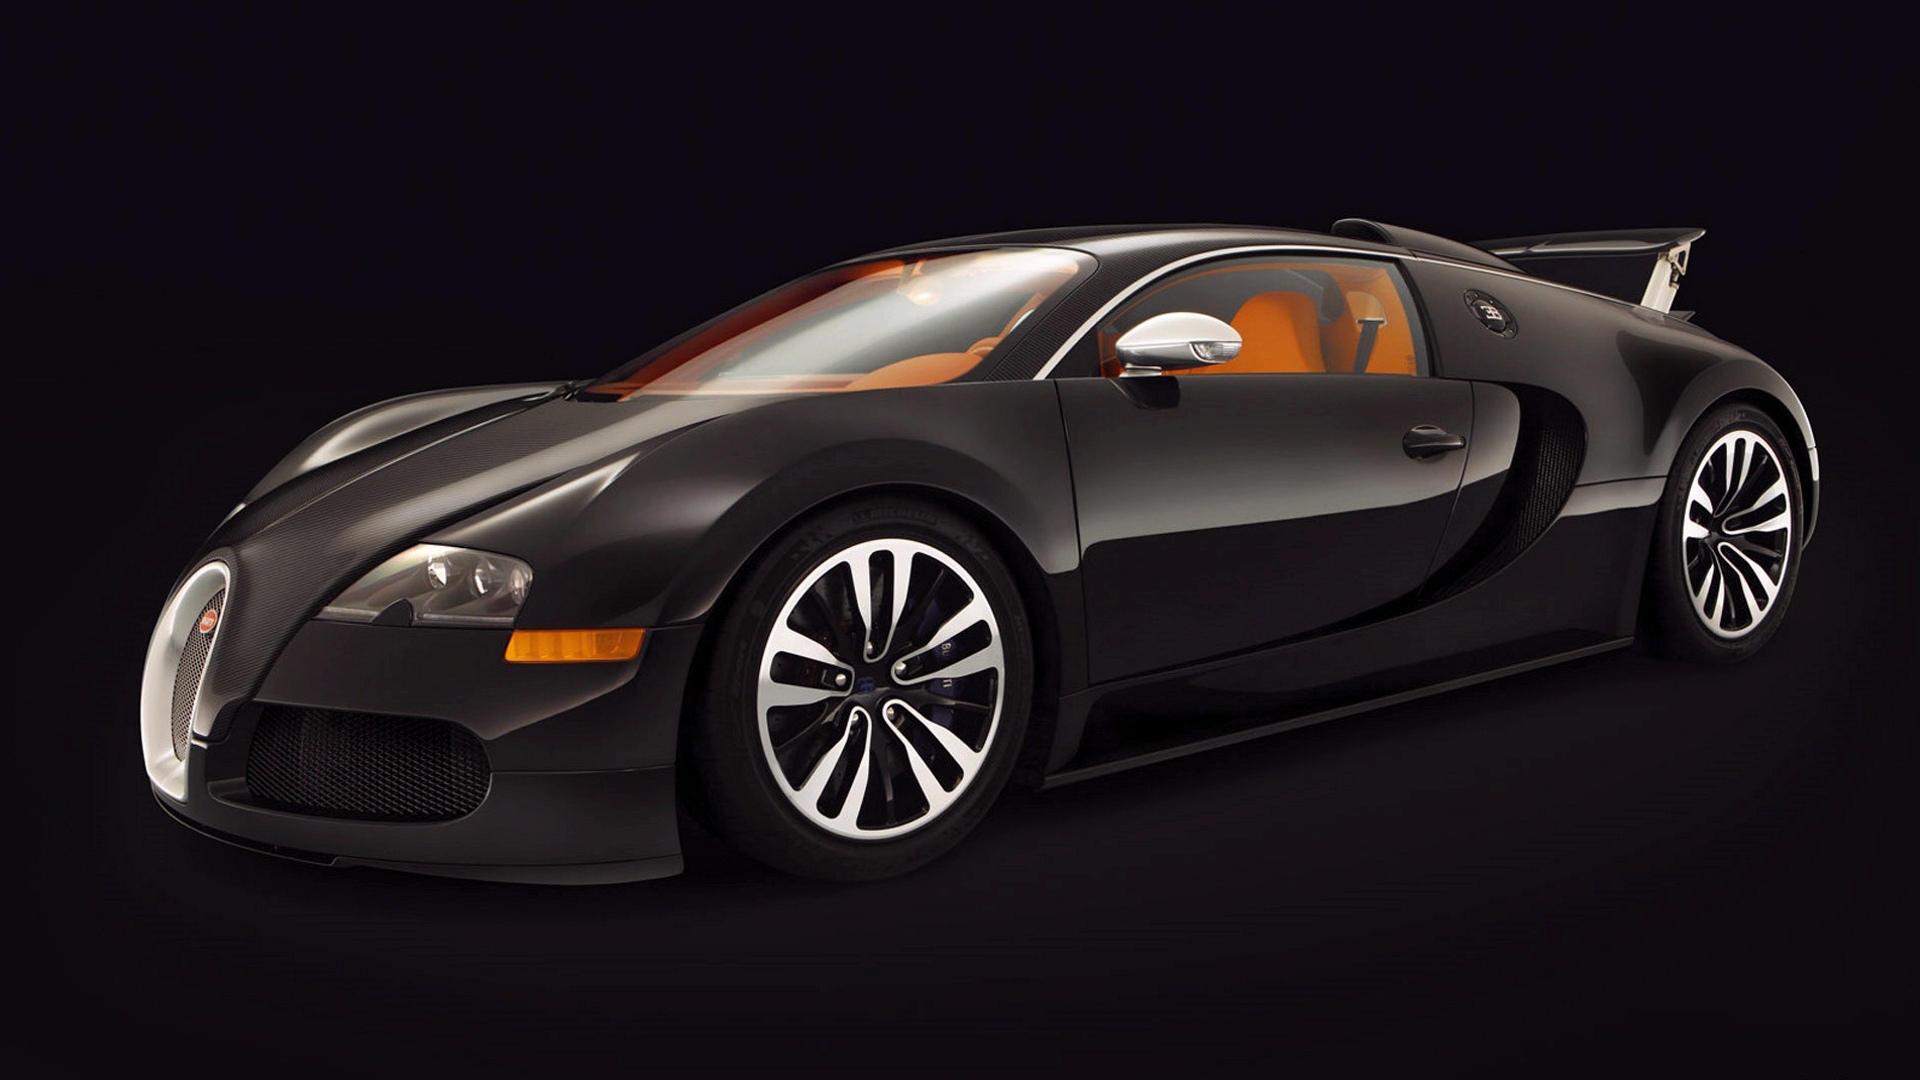 Bugatti Veyron Sang Noir Hd Wallpaper